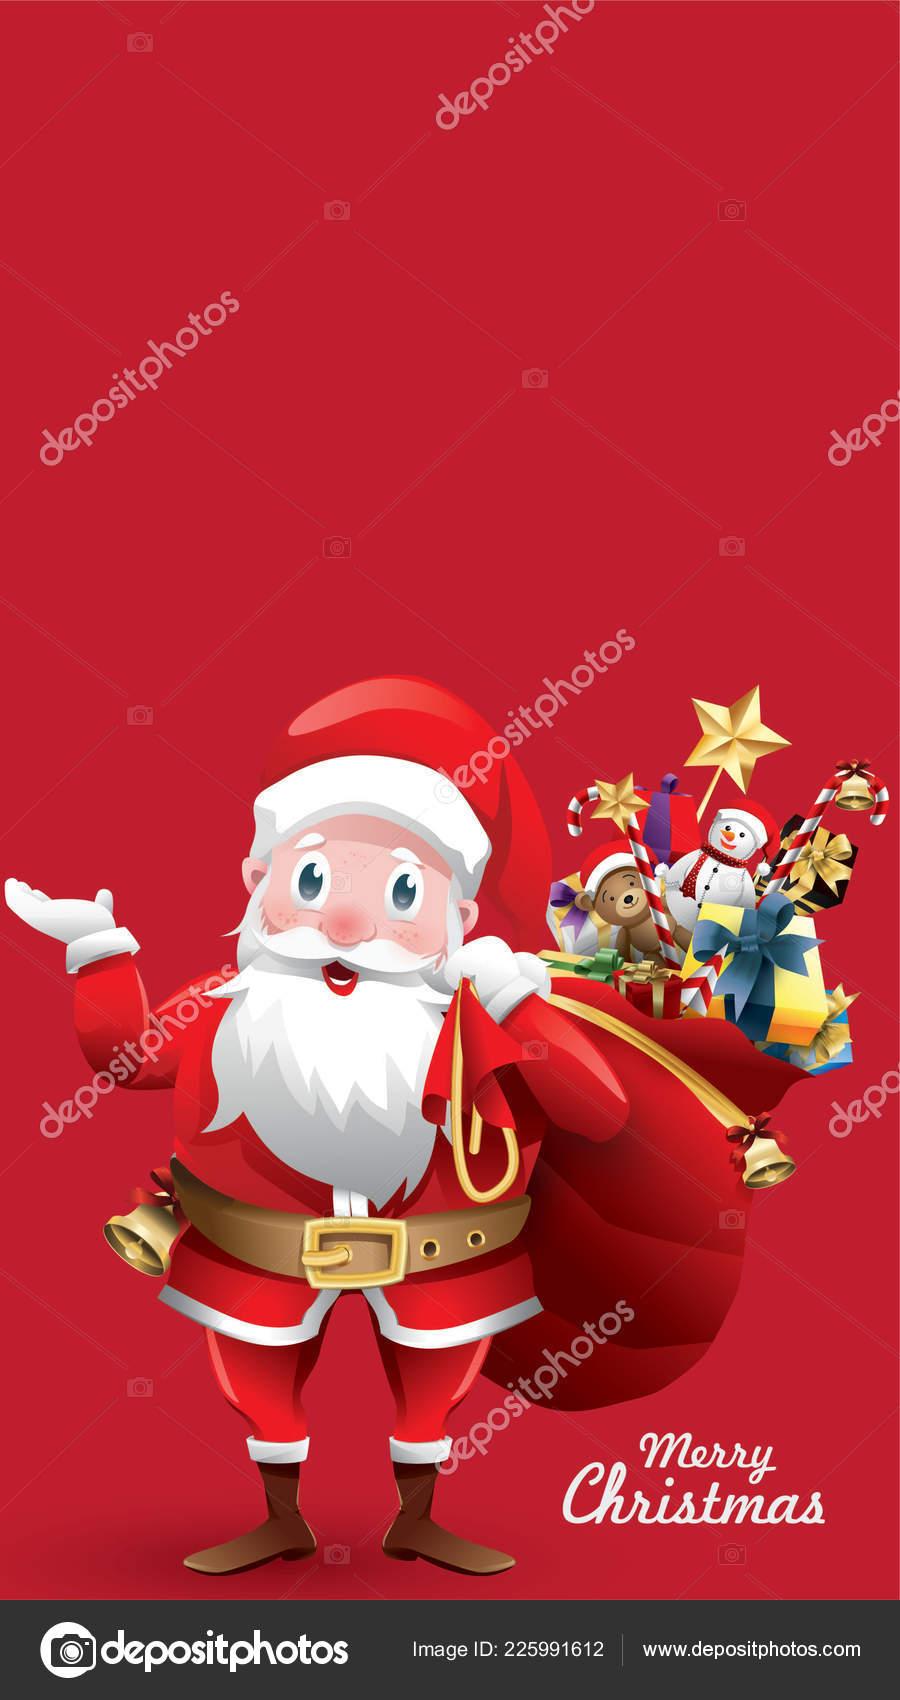 Merry Christmas Happy New Year Red Xmas Cartoon Santa Claus — Stock ...